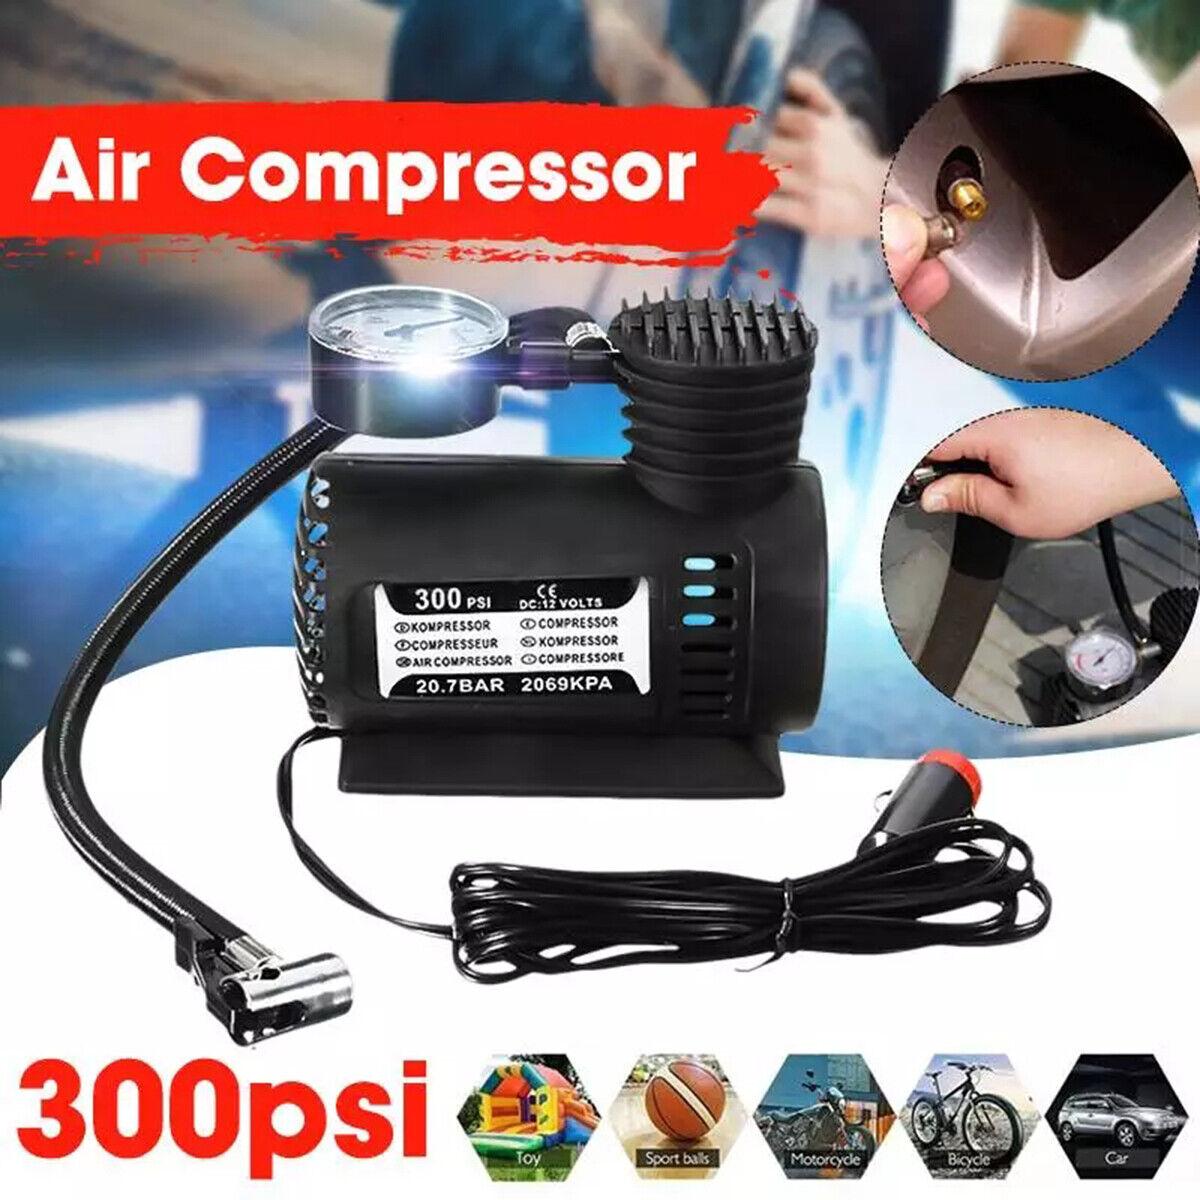 300PSI 12V Portable Mini Air Compressor Auto Car Electric Ti